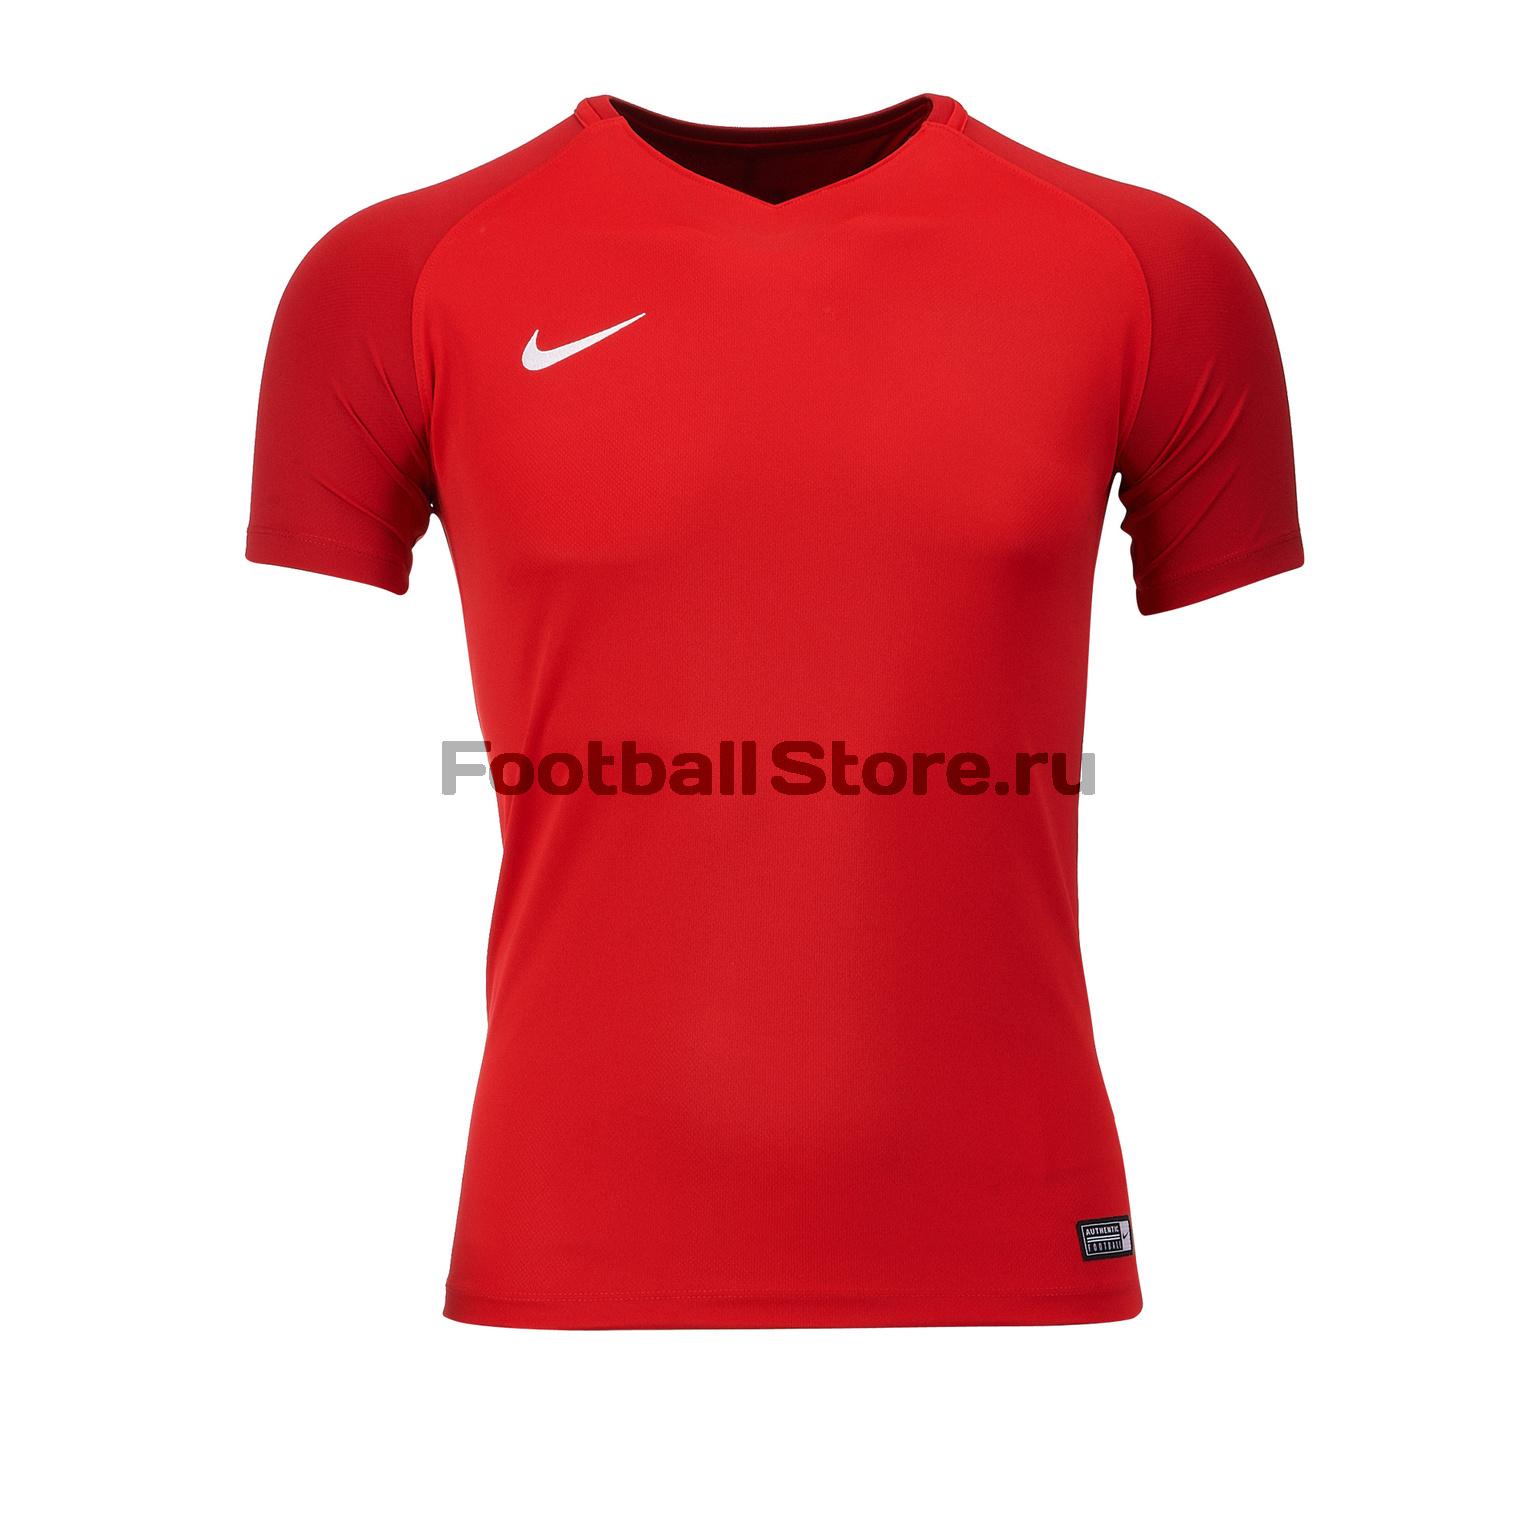 Футболка игровая подростковая Nike Trophy III 881484-657 oris trophy iii ta 100 4